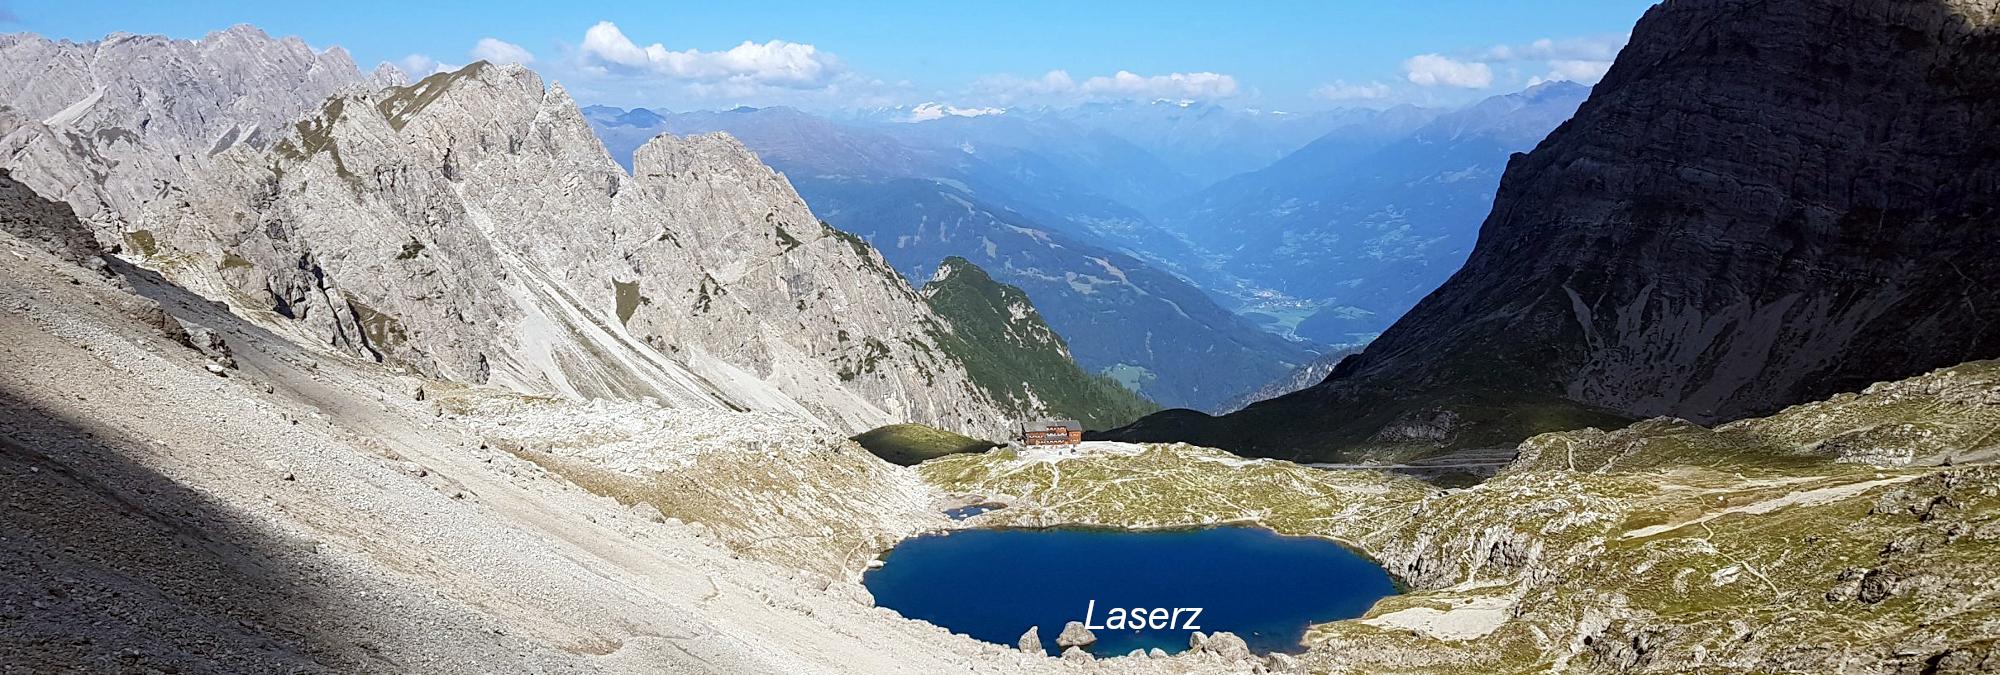 laserz1-textE6E42F8A-5BB1-5287-CE1B-BAE8437B20E3.jpg